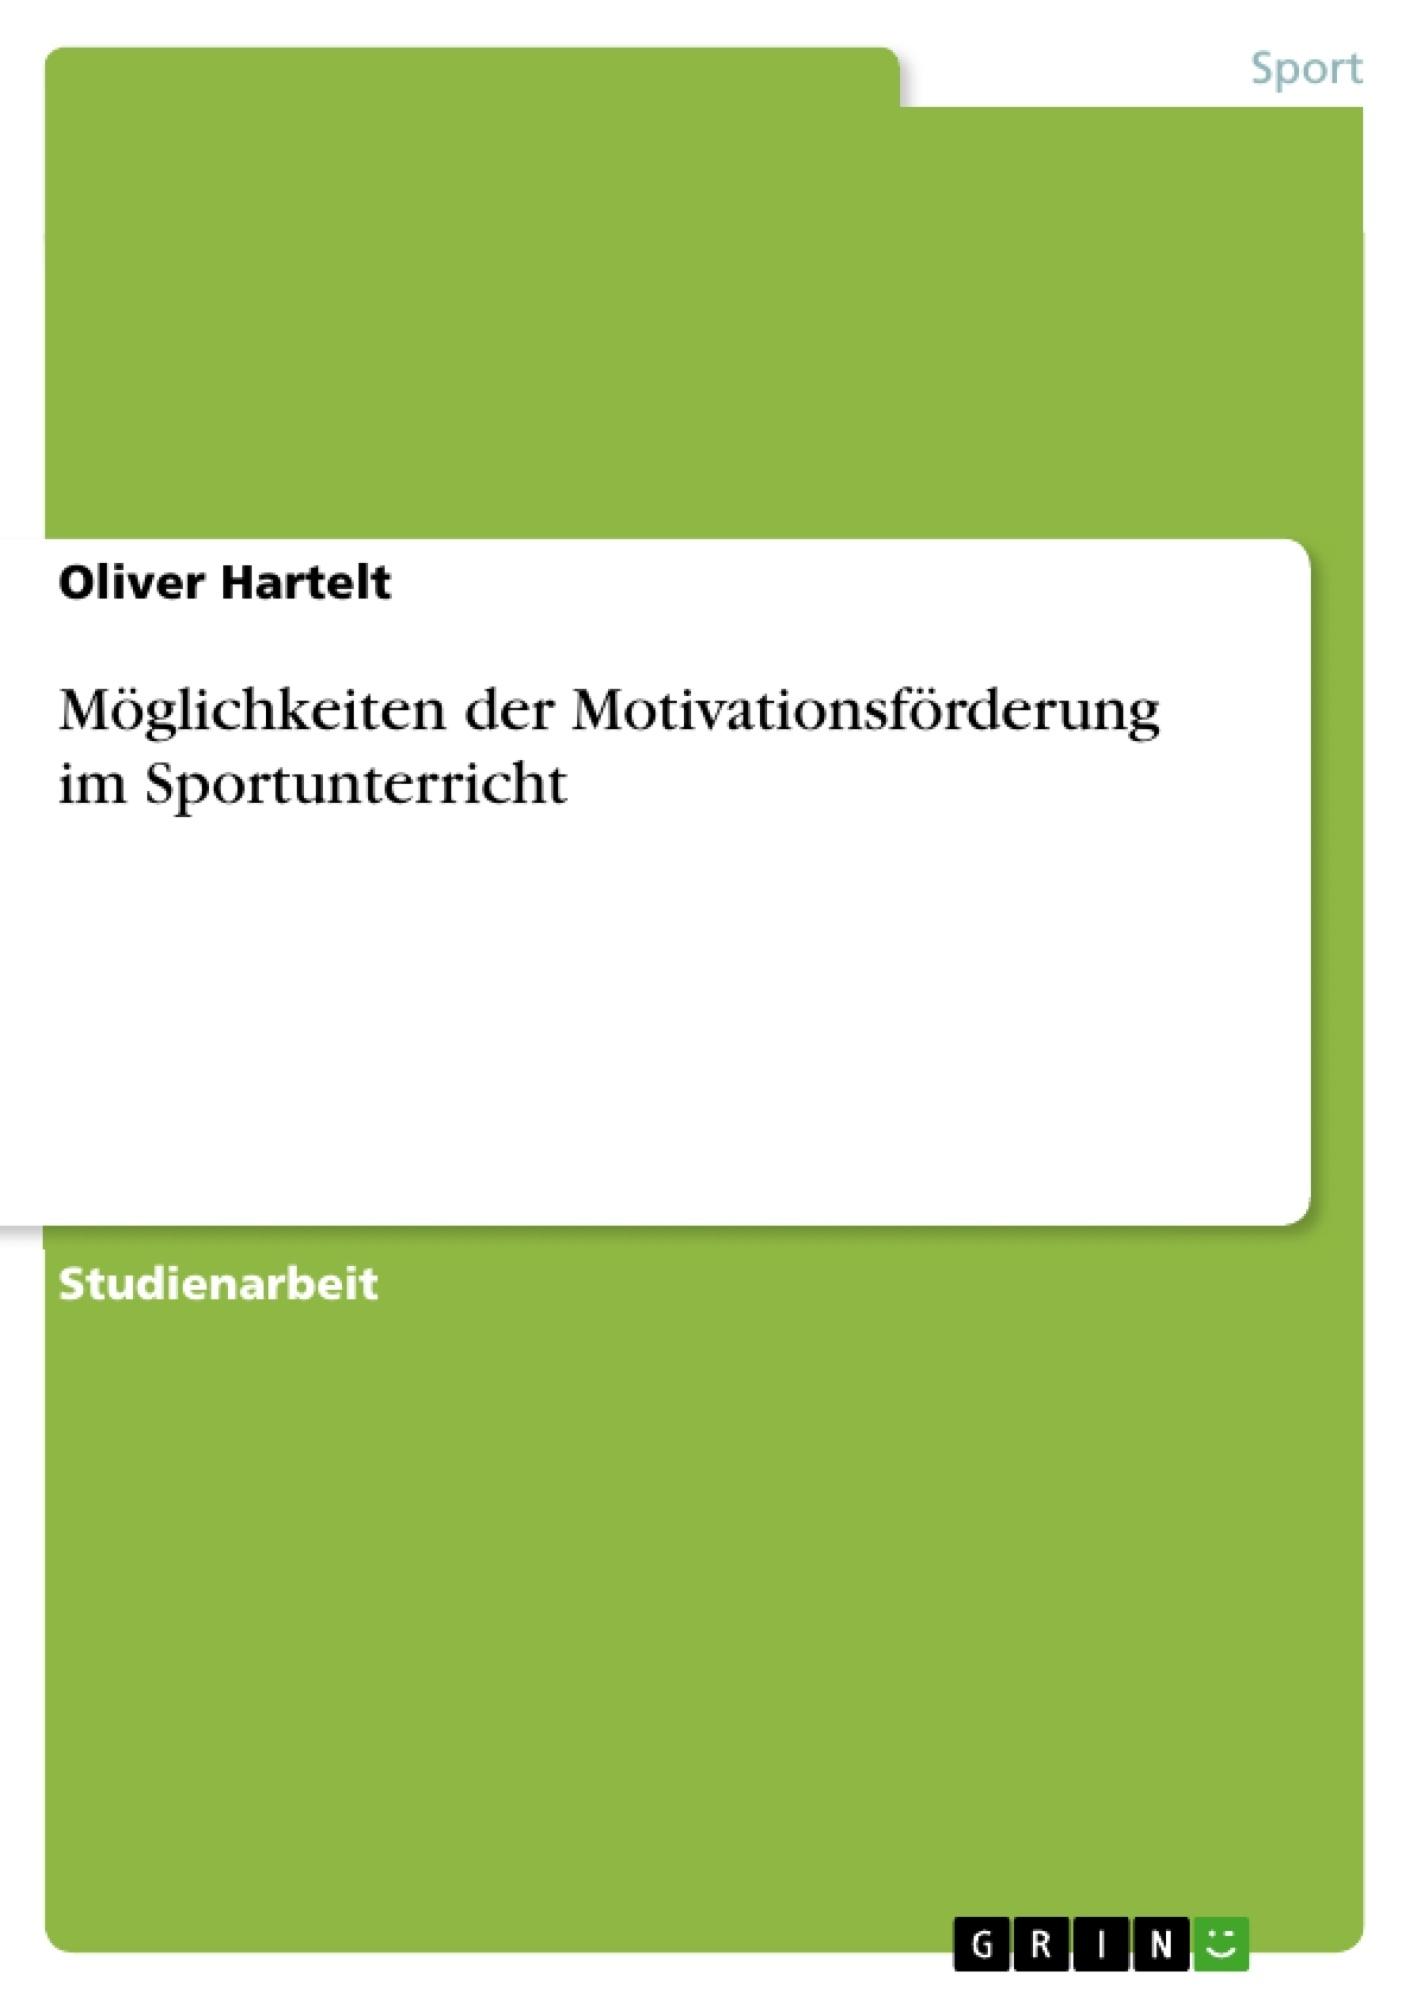 Titel: Möglichkeiten der Motivationsförderung im Sportunterricht